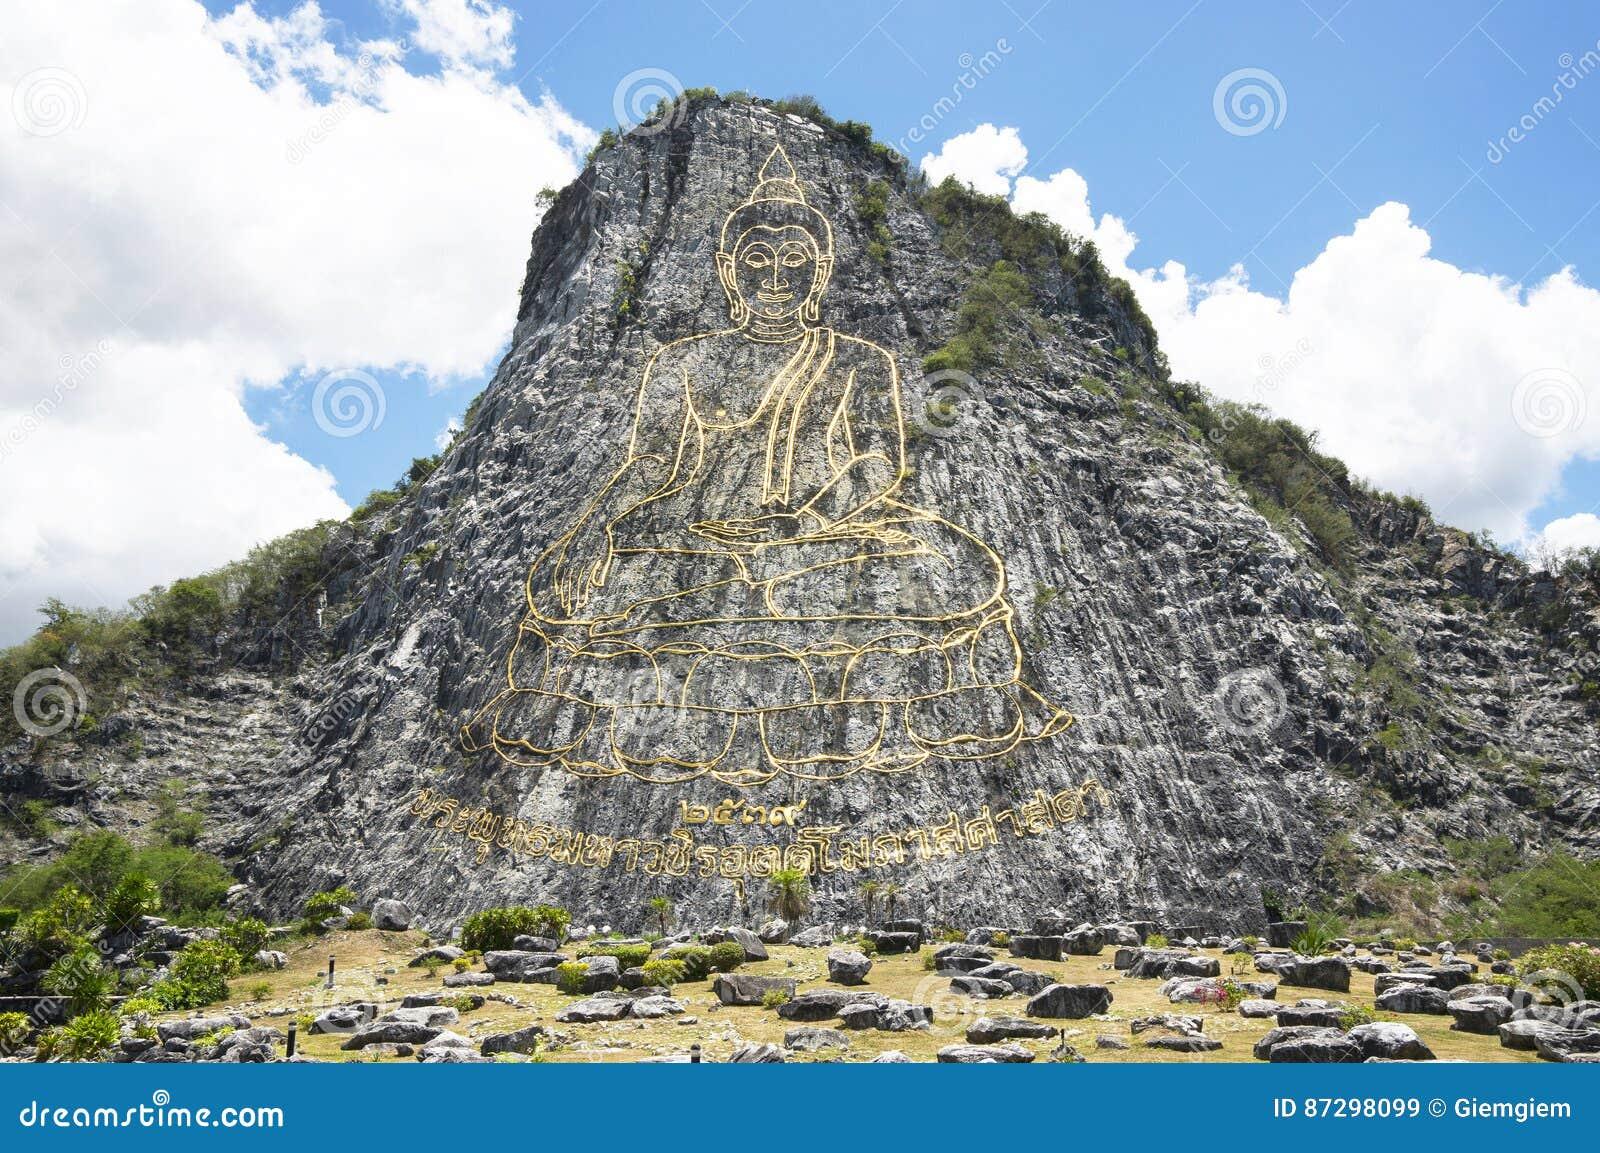 Bouddha a découpé sur le laser puissant de falaise, les attractions principales de Pattaya